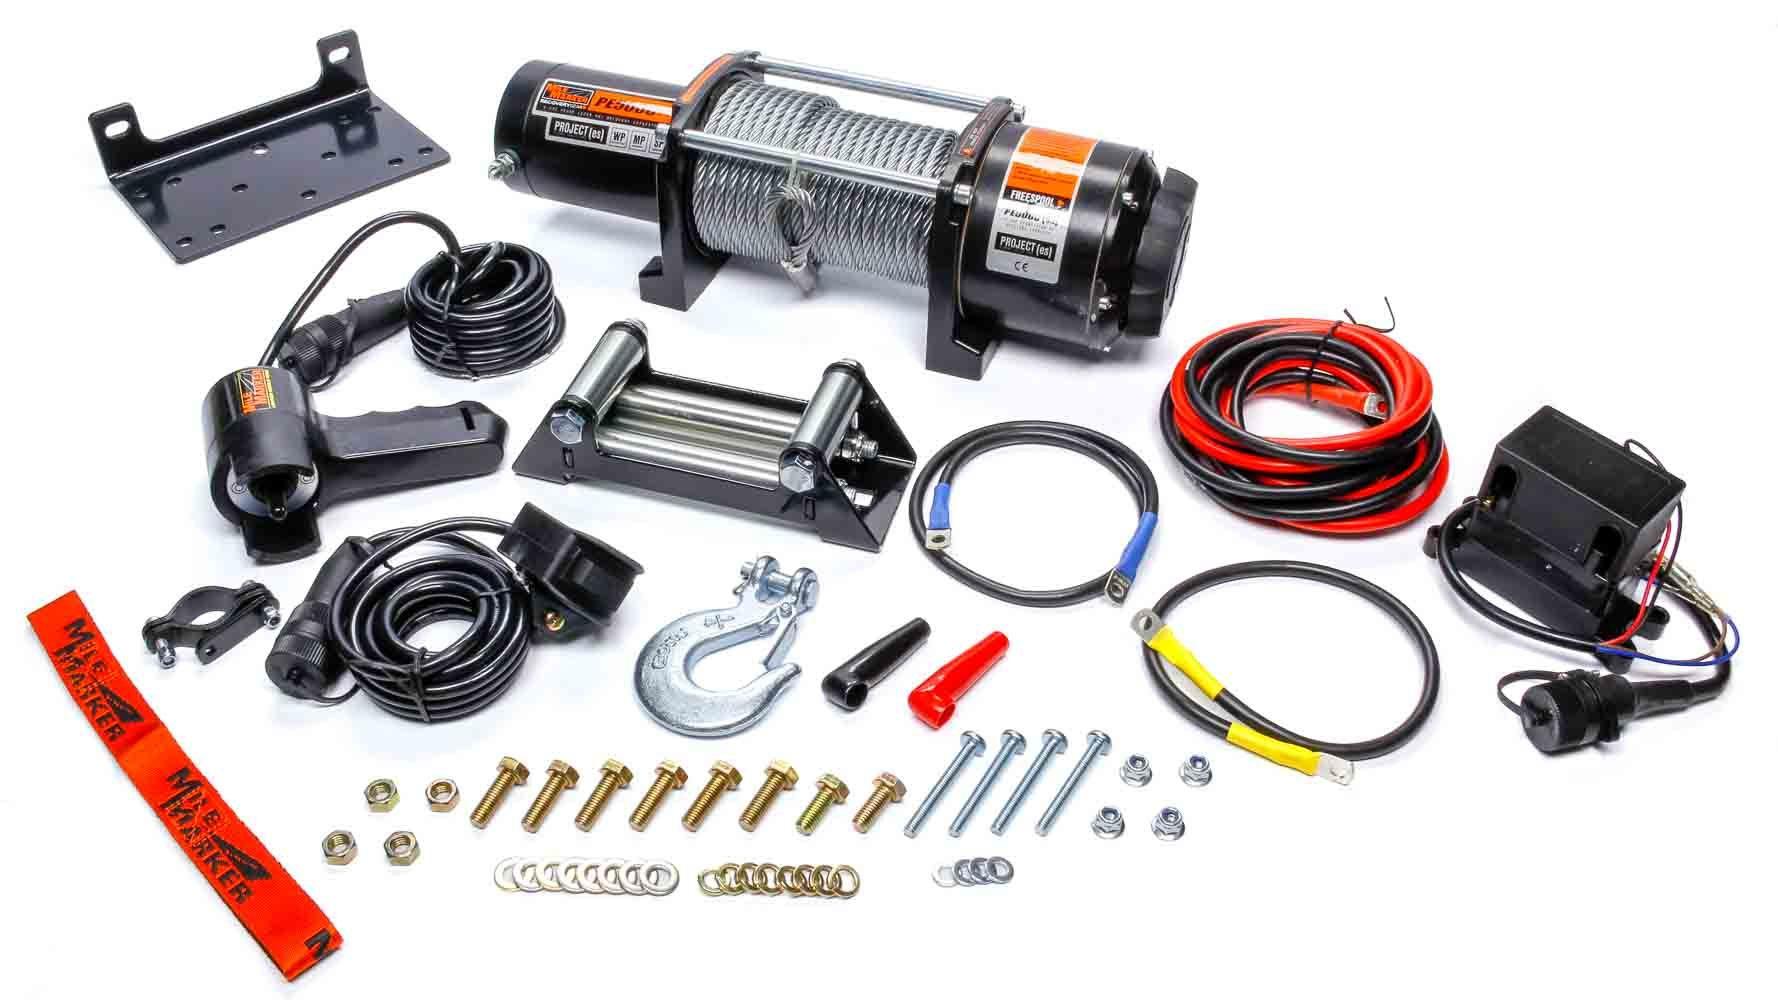 Mile Marker 5000lb Winch w/Roller Fairlead & 12ft Remote